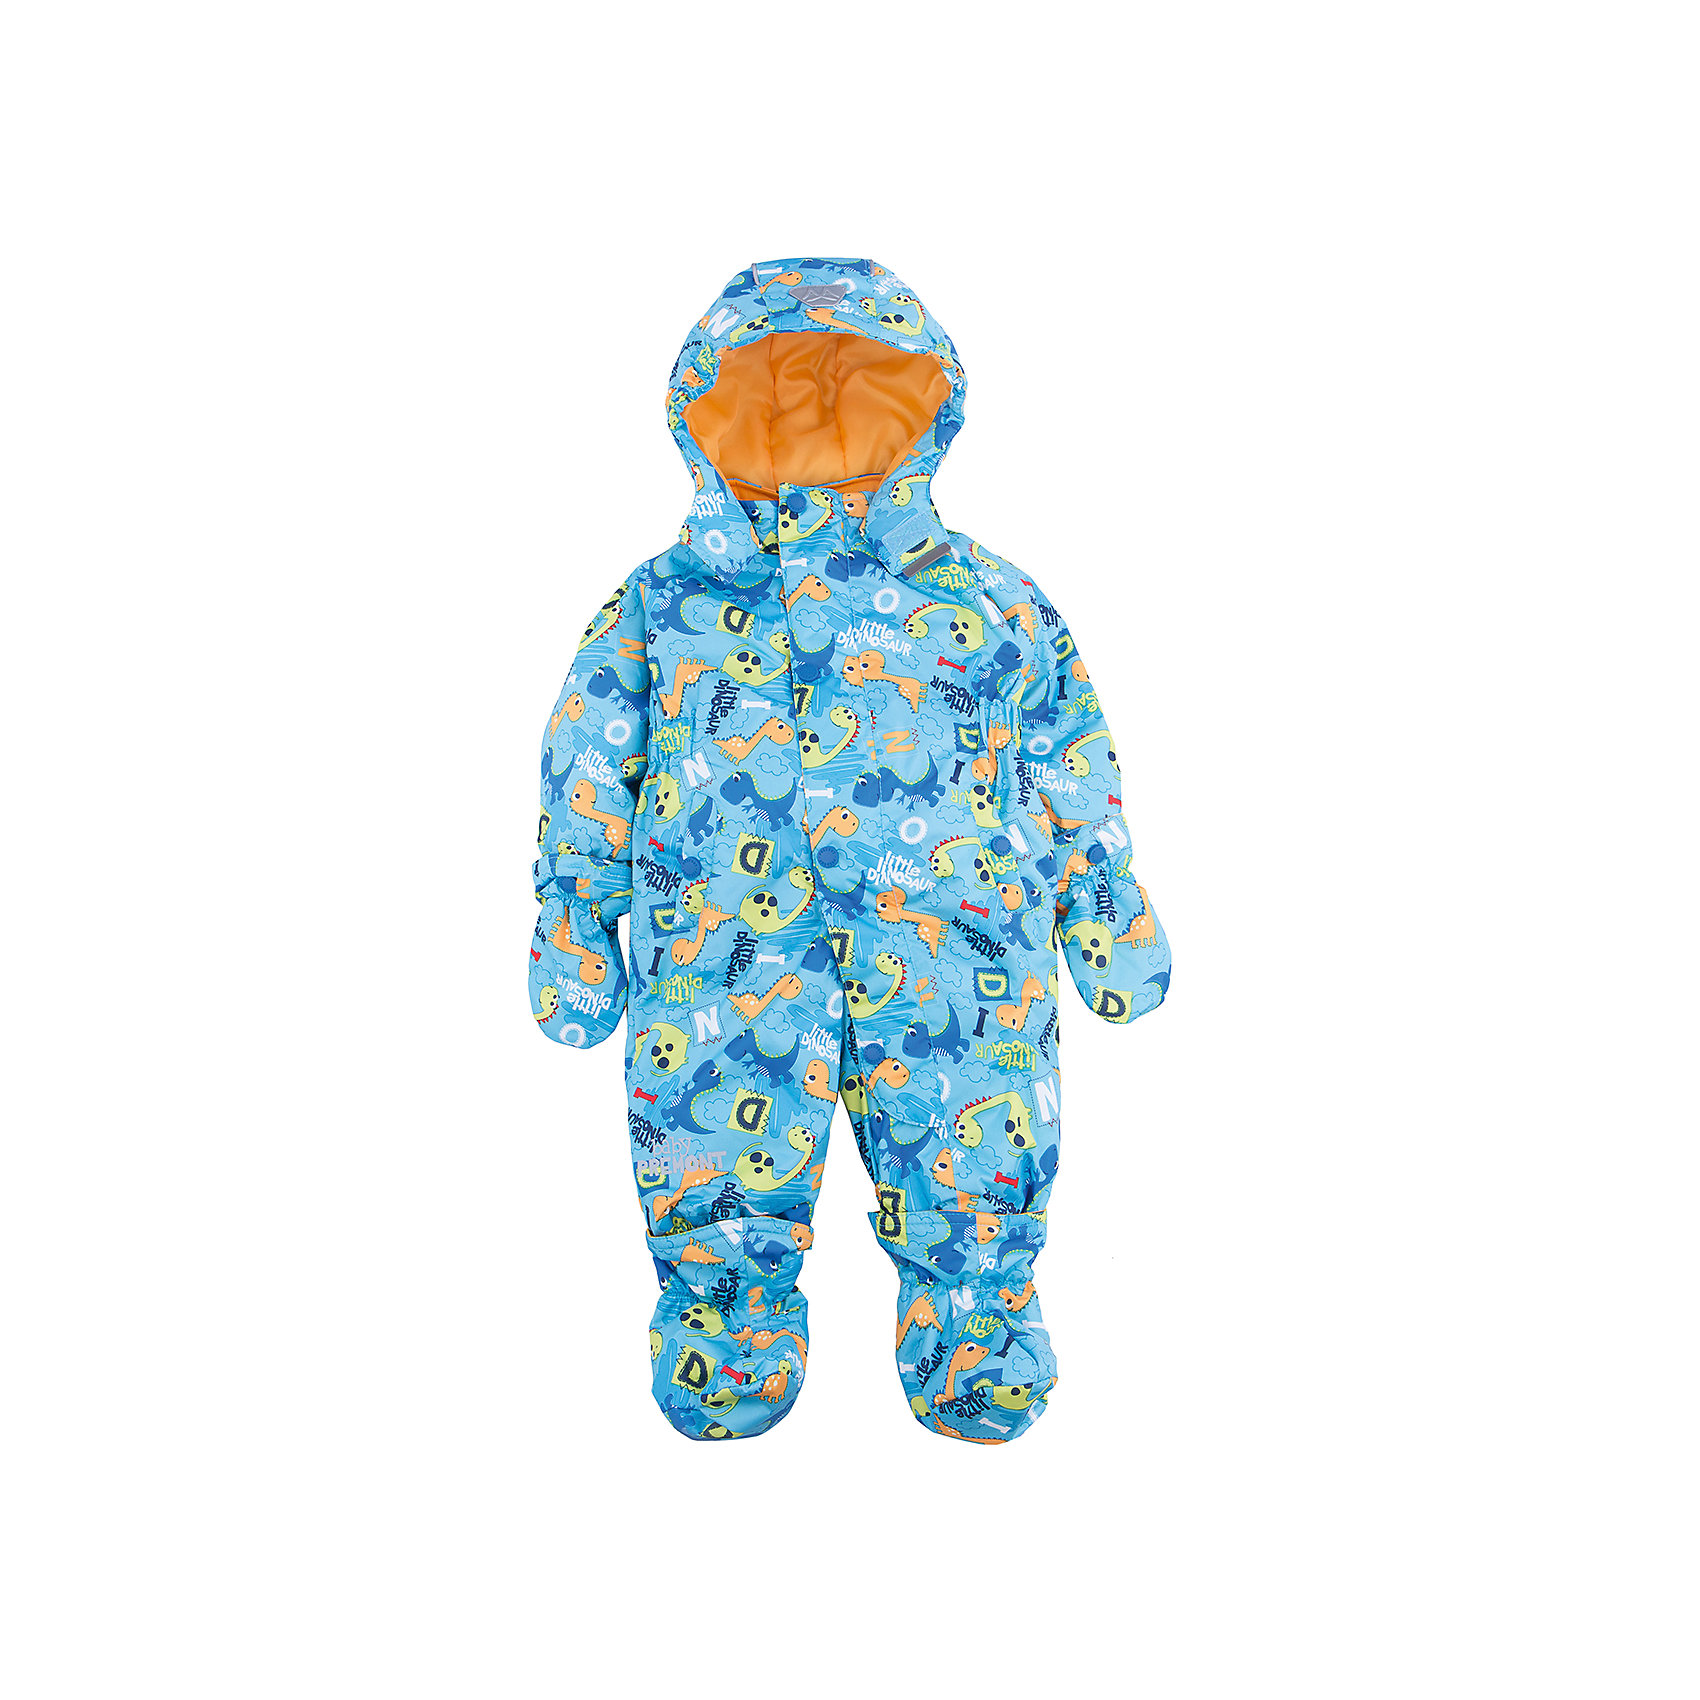 Комбинезон для мальчика PremontВерхняя одежда<br>Характеристики товара:<br><br>• цвет: голубой<br>• состав: мембрана 3000мм/3000г/м2/24h<br>• подкладка: хлопок, Taffeta <br>• утеплитель 120г/м2<br>• светоотражающие элементы<br>• температурный режим: от -5°С до +10°С<br>• застежка - молния<br>• капюшон съемный<br>• принт<br>• ветронепроницаемый, водо- и грязеотталкивающий и дышащий материал<br>• эластичные манжеты<br>• комфортная посадка<br>• страна бренда: Канада<br><br>Демисезонный комбинезон - универсальный вариант и для прохладной осени, и для первых заморозков. Эта модель - модная и удобная одновременно! Комбинезон отличается стильным ярким дизайном. Комплект хорошо сидит по фигуре, отлично сочетается с различной обувью. Вещь была разработана специально для детей.<br><br>До 12 месяцев идет в комплекте с варежками и пинетками.<br><br>Одежда от канадского бренда Premont уже завоевала популярностью у многих детей и их родителей. Вещи, выпускаемые компанией, качественные, продуманные и очень удобные. Для производства коллекций используются только безопасные для детей материалы.<br><br>Комбинезон для мальчика  от бренда Premont можно купить в нашем интернет-магазине.<br><br>Ширина мм: 356<br>Глубина мм: 10<br>Высота мм: 245<br>Вес г: 519<br>Цвет: синий<br>Возраст от месяцев: 18<br>Возраст до месяцев: 24<br>Пол: Мужской<br>Возраст: Детский<br>Размер: 92,74,80,86,68<br>SKU: 5353029